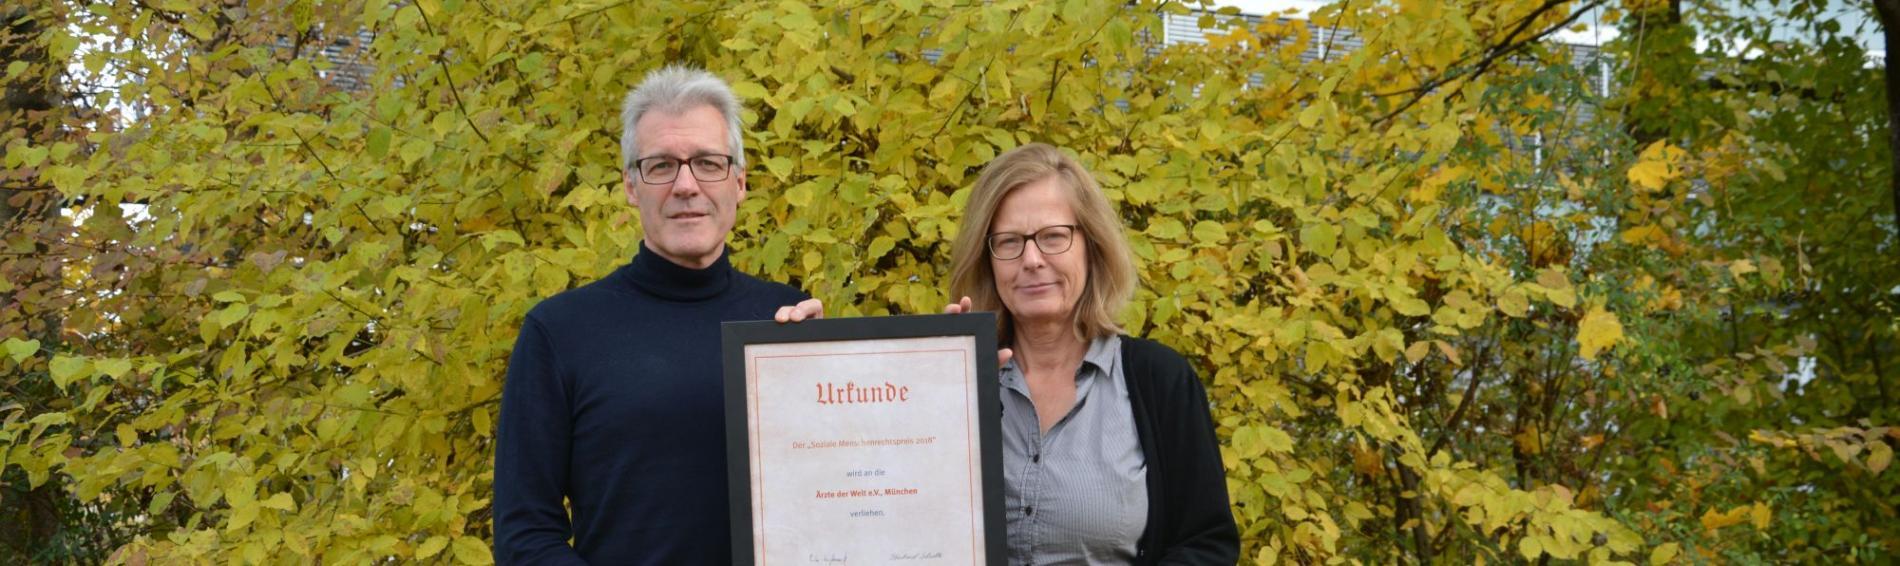 Ärzte der Welt hat Menschenrechtspreis erhalten. Foto: Ärzte der Welt